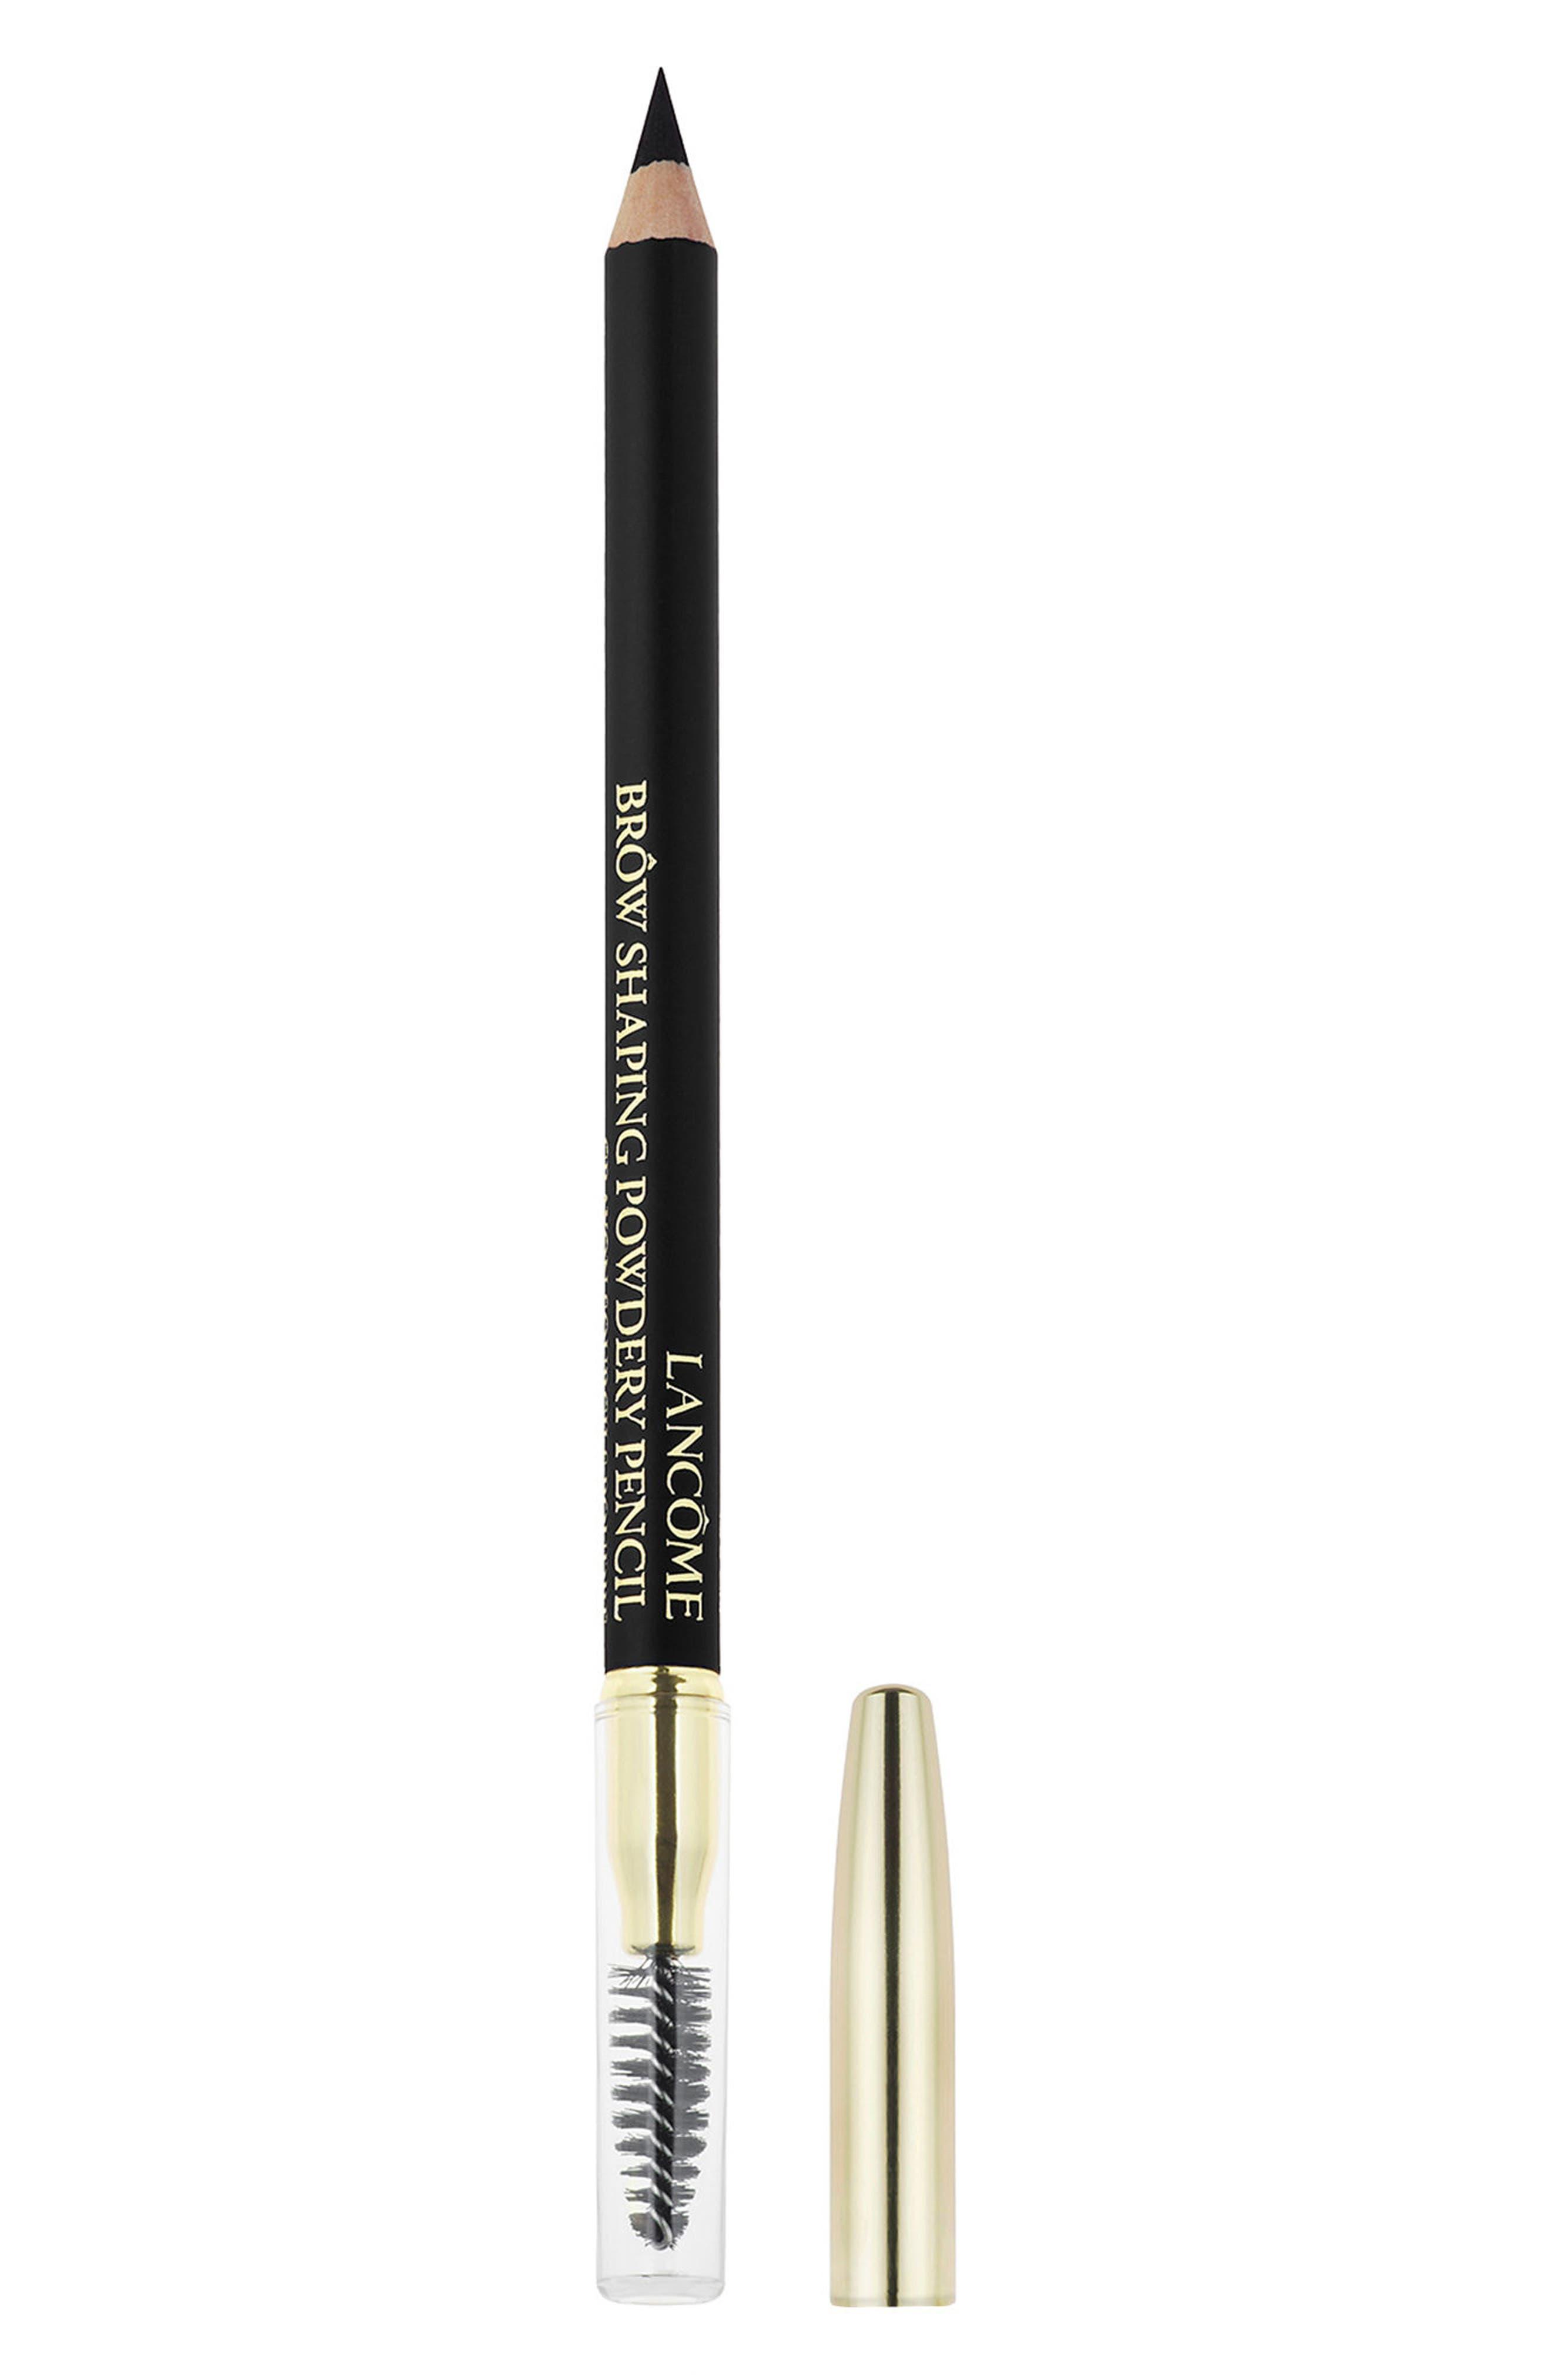 Brow Shaping Powdery Pencil,                             Main thumbnail 1, color,                             BLACK 10